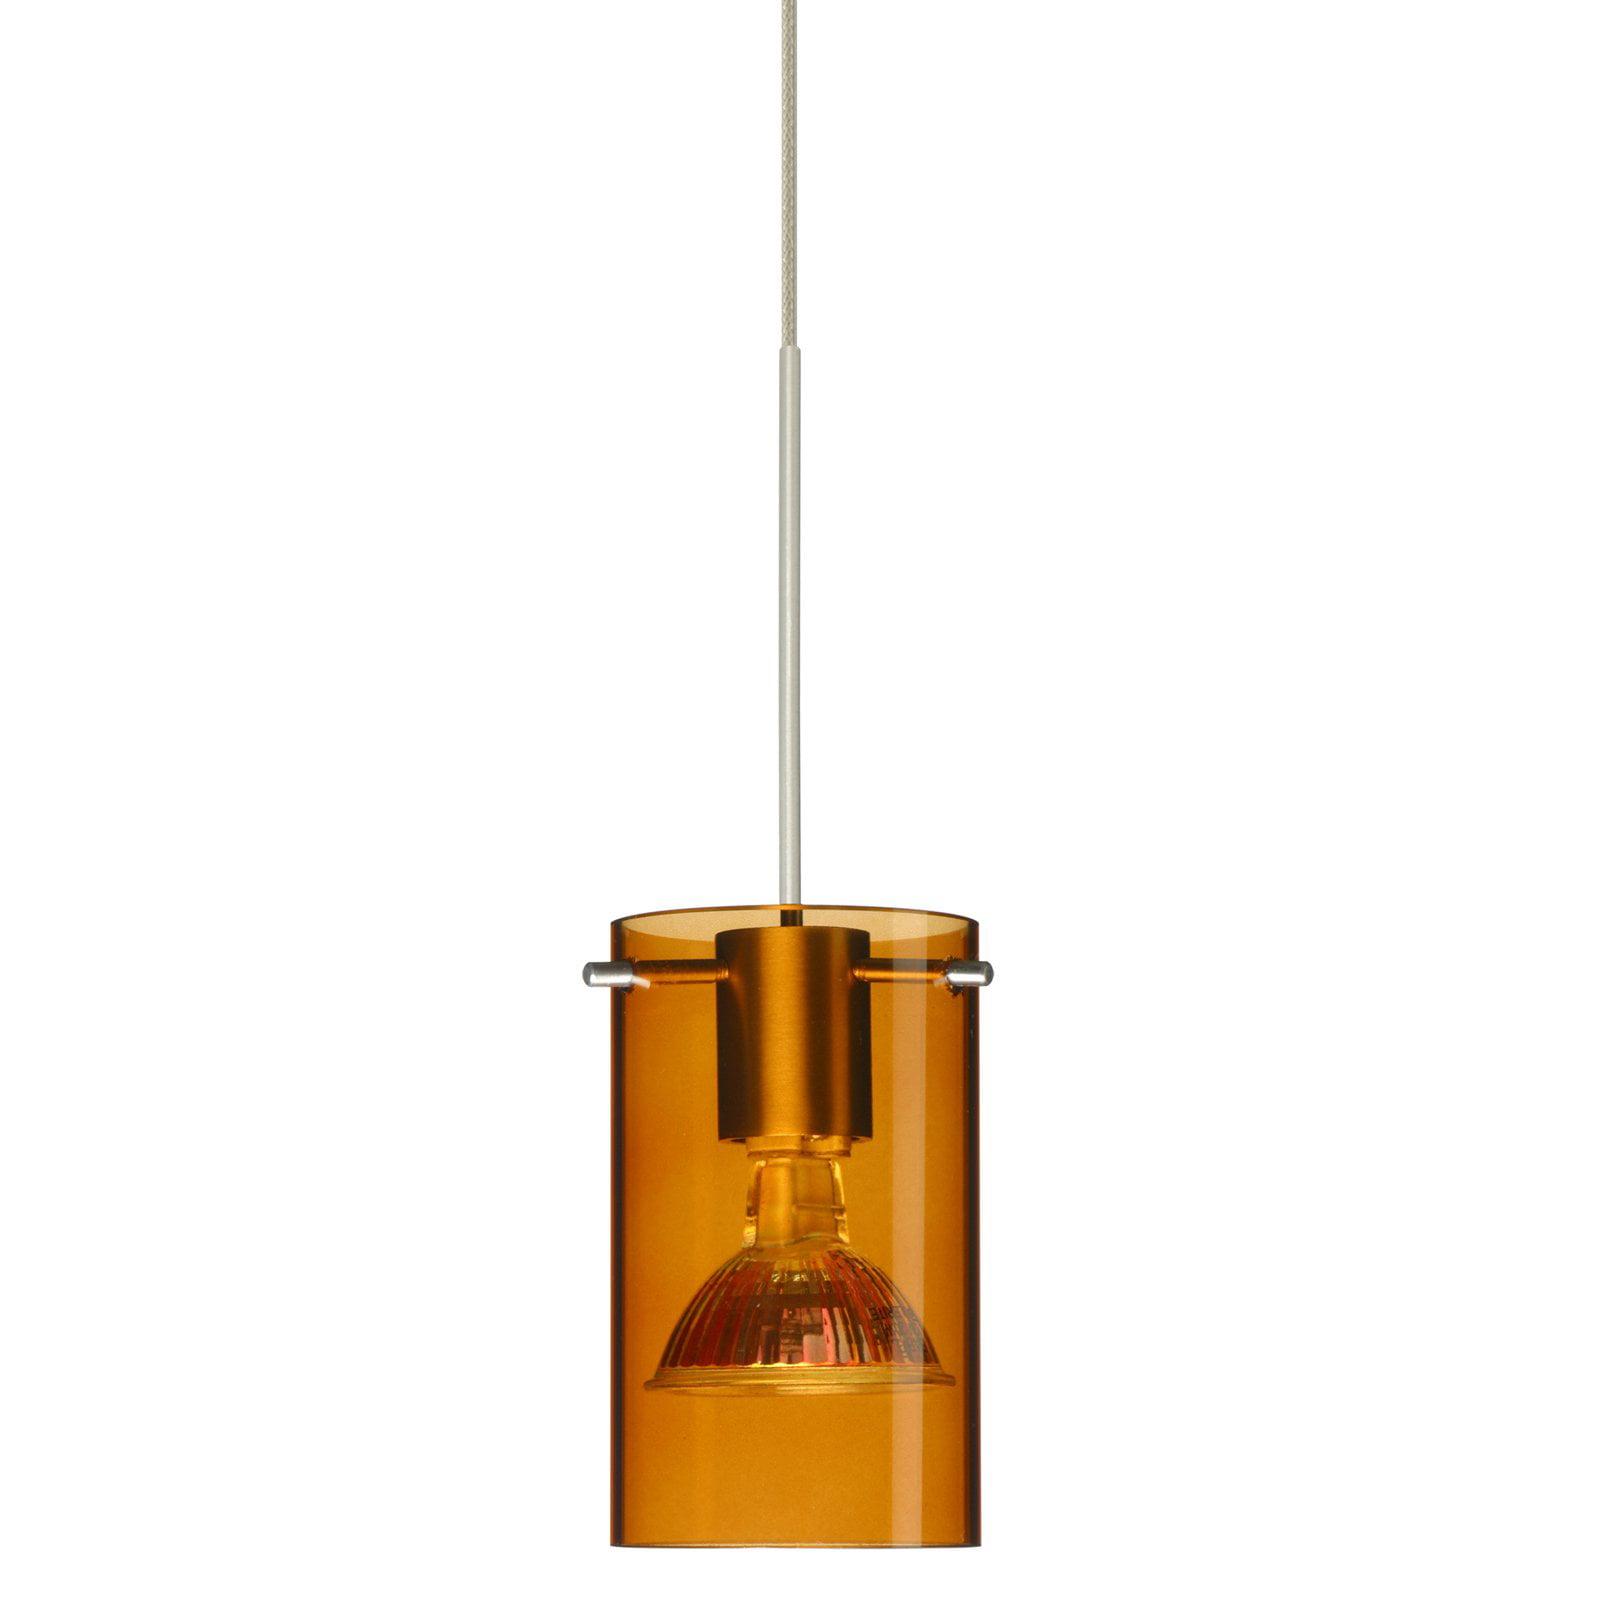 BESA Lighting  1XC-6524OG  Pendants  Scope  Indoor Lighting  ;Satin Nickel